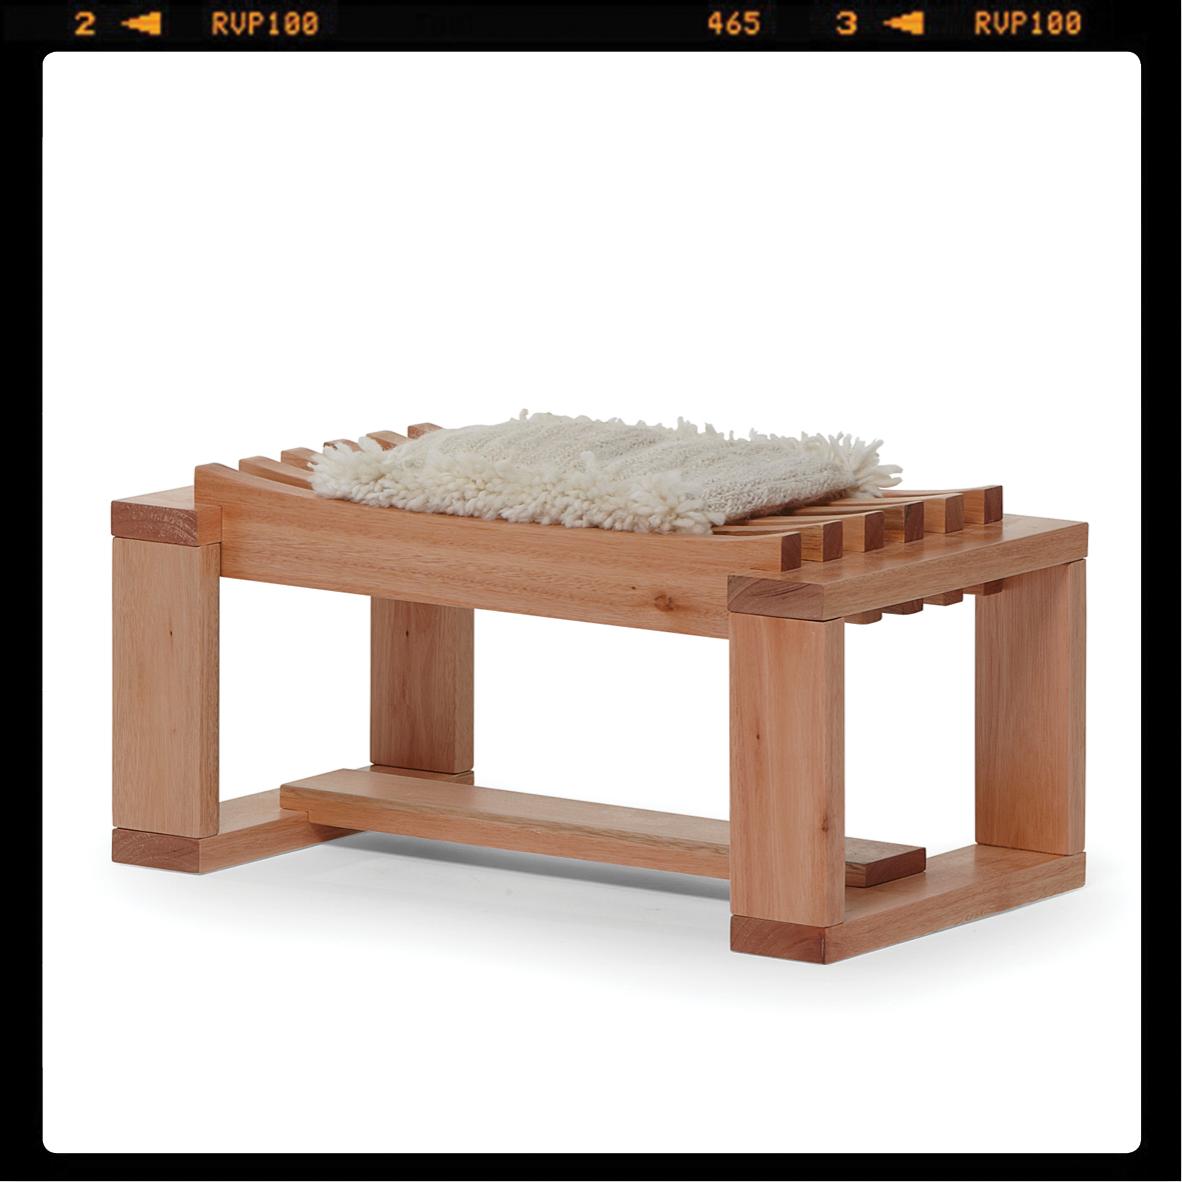 vidro ou aprópria madeira de eucalipto são as sugestões de tampo #CA8501 1182x1182